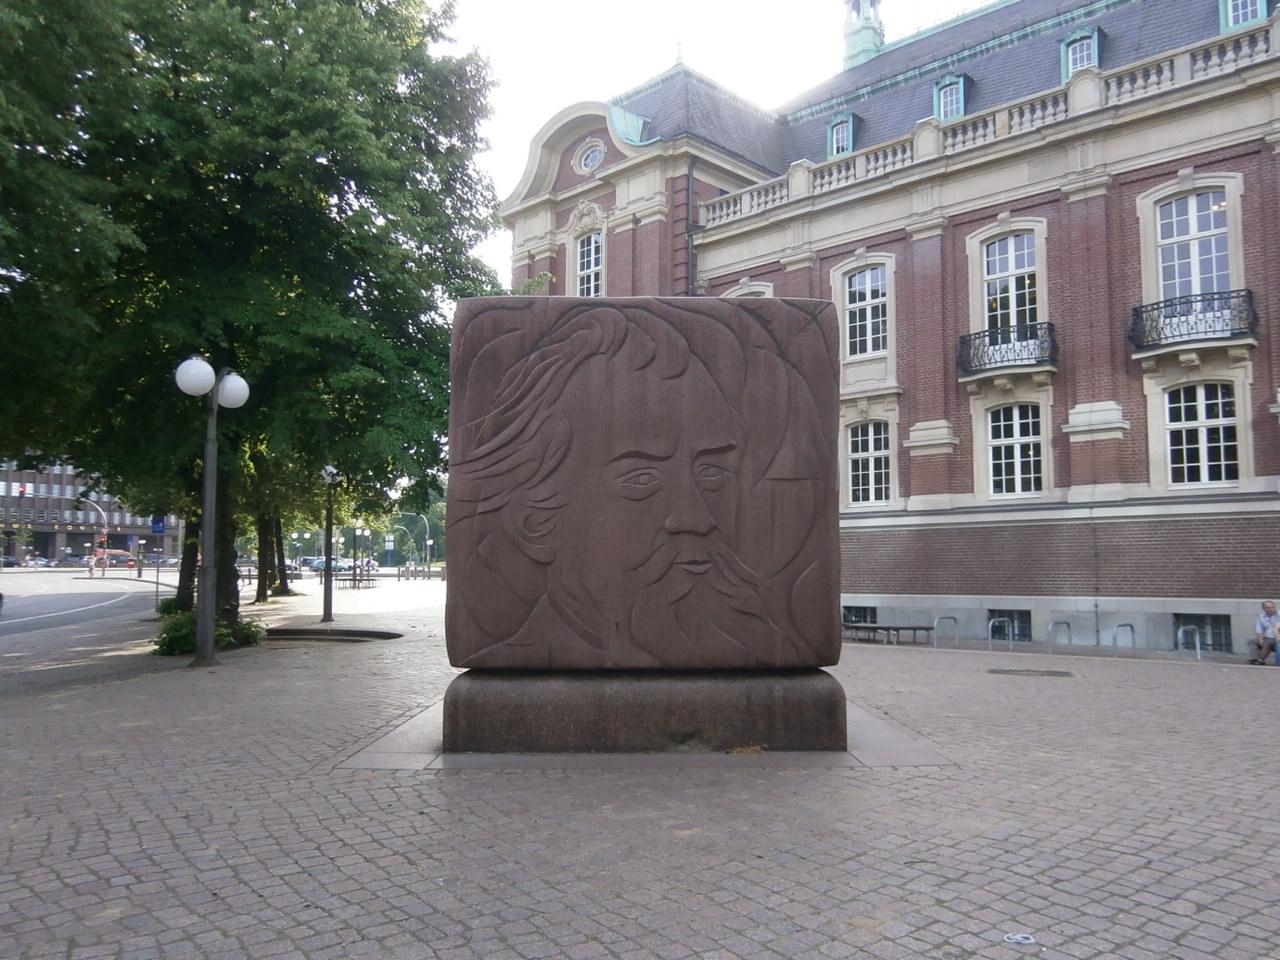 ハンブルクにあるブラームスの彫刻、中年期の顔